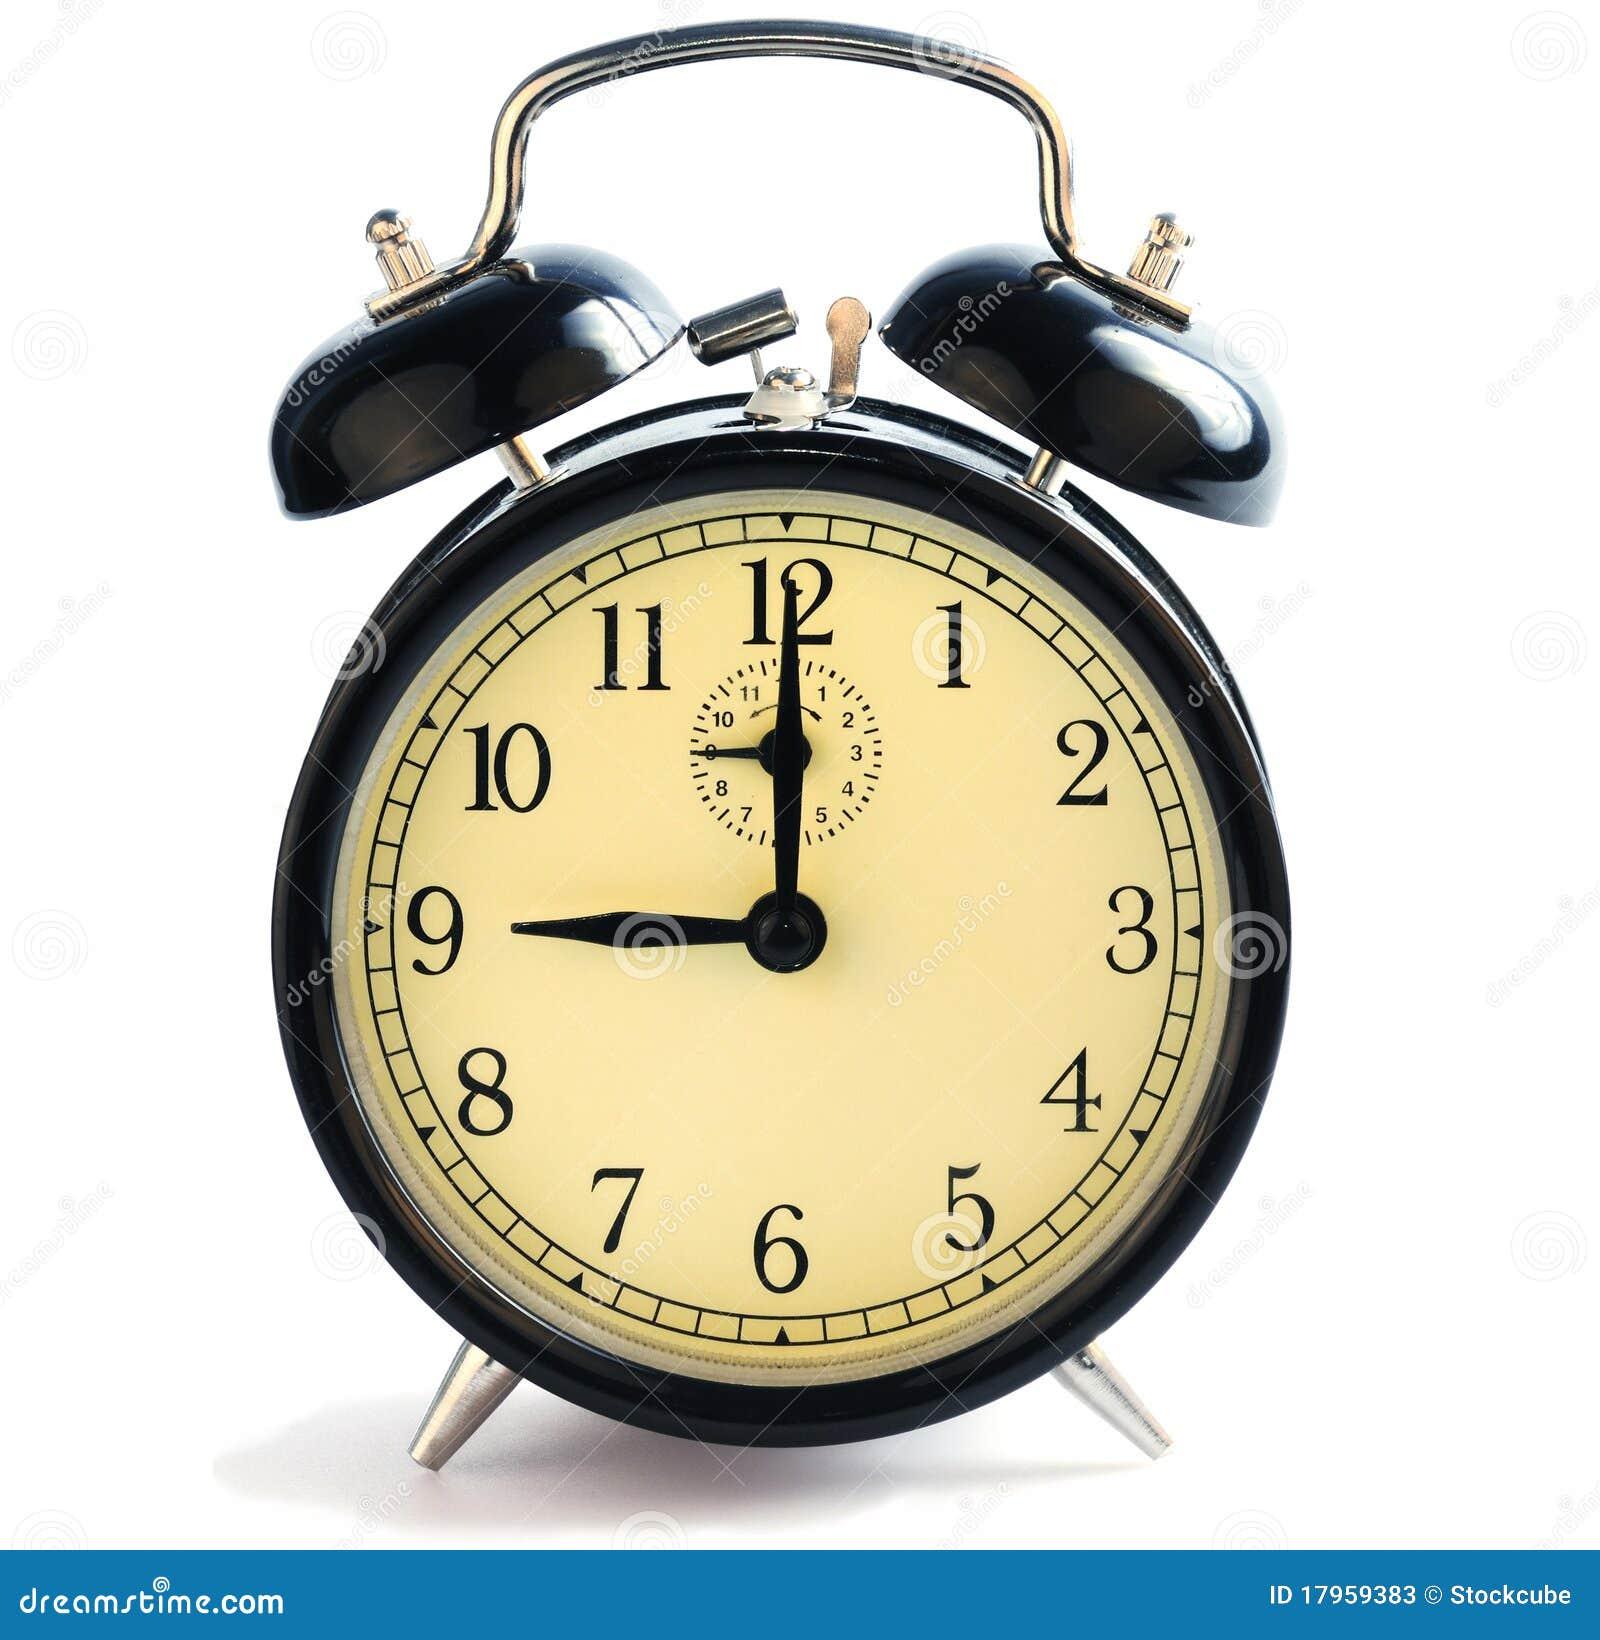 Eine altmodische alarmuhr die neun uhr zeigt